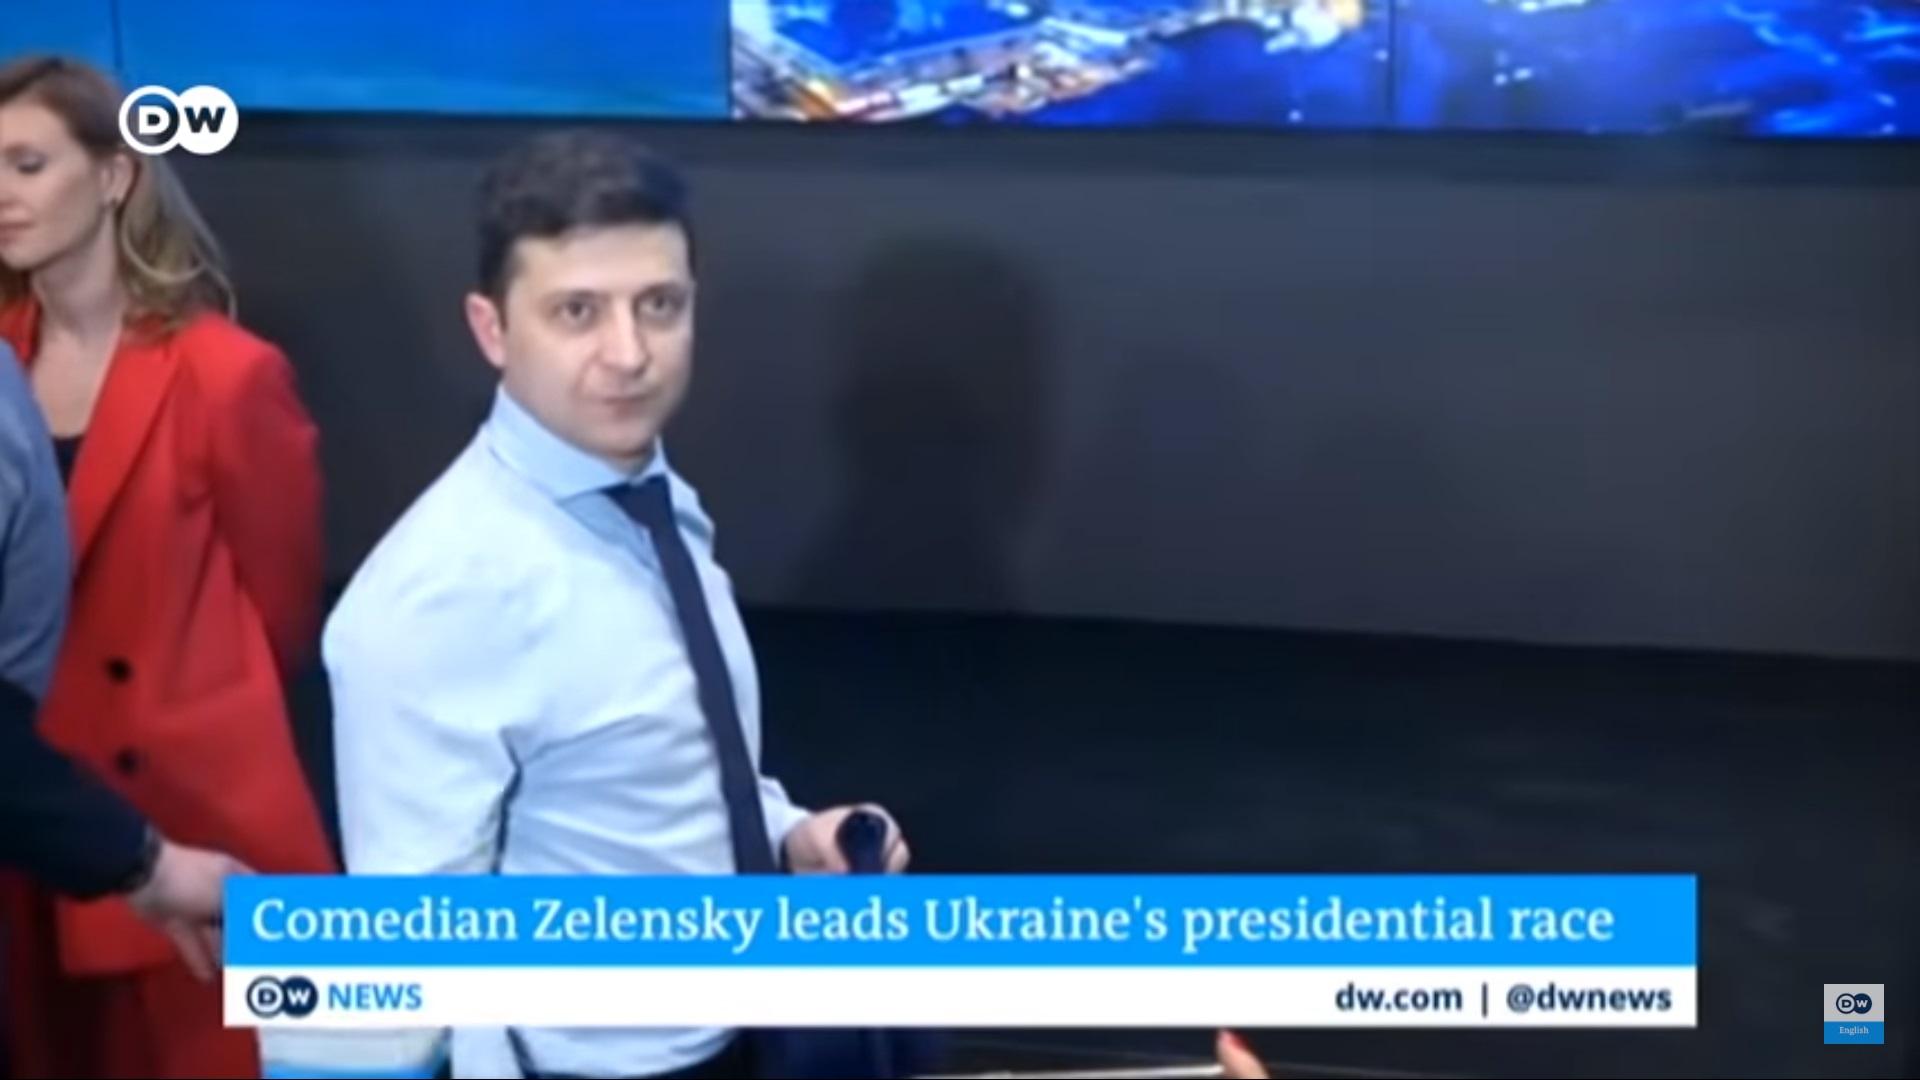 Ucraina, Volodymyr Zelensky schiacciato fra la crisi economica e i rapporti con Putin